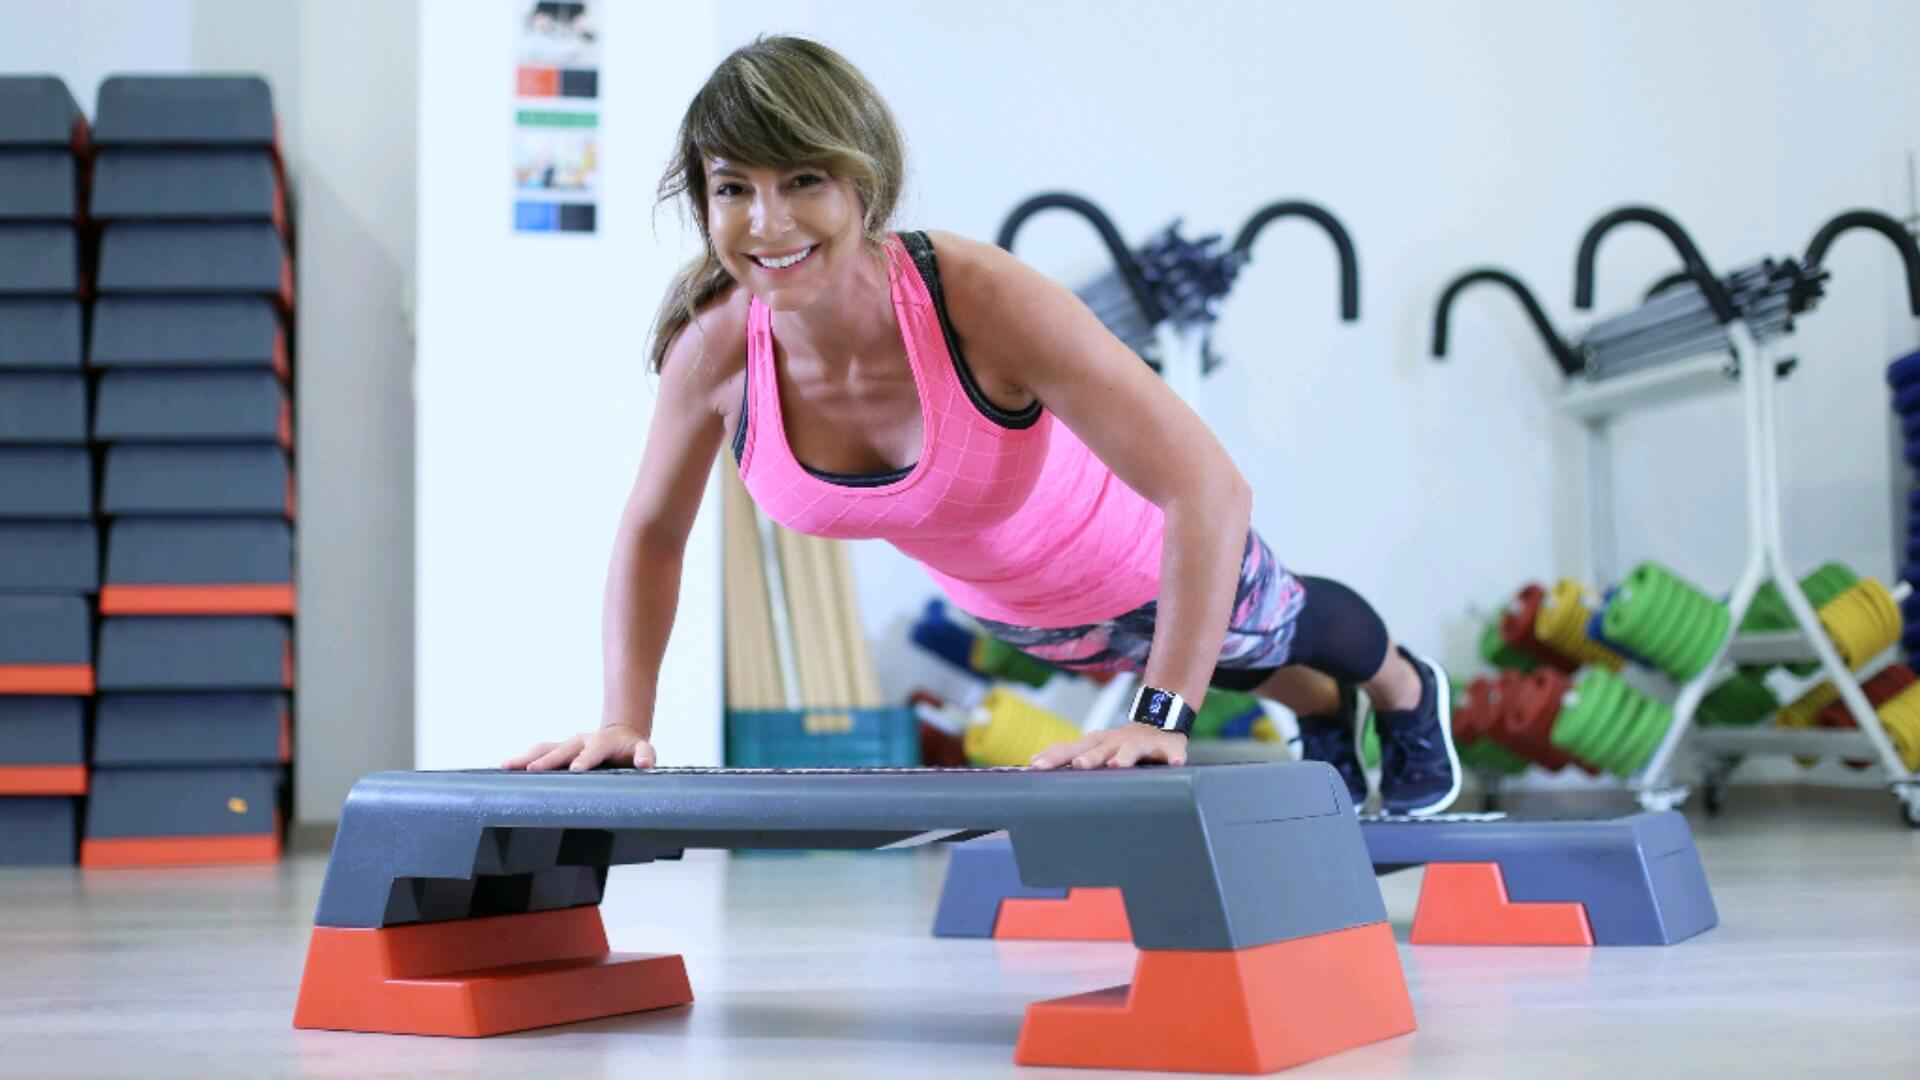 Motivatia mea: Echilibrul pe termen lung